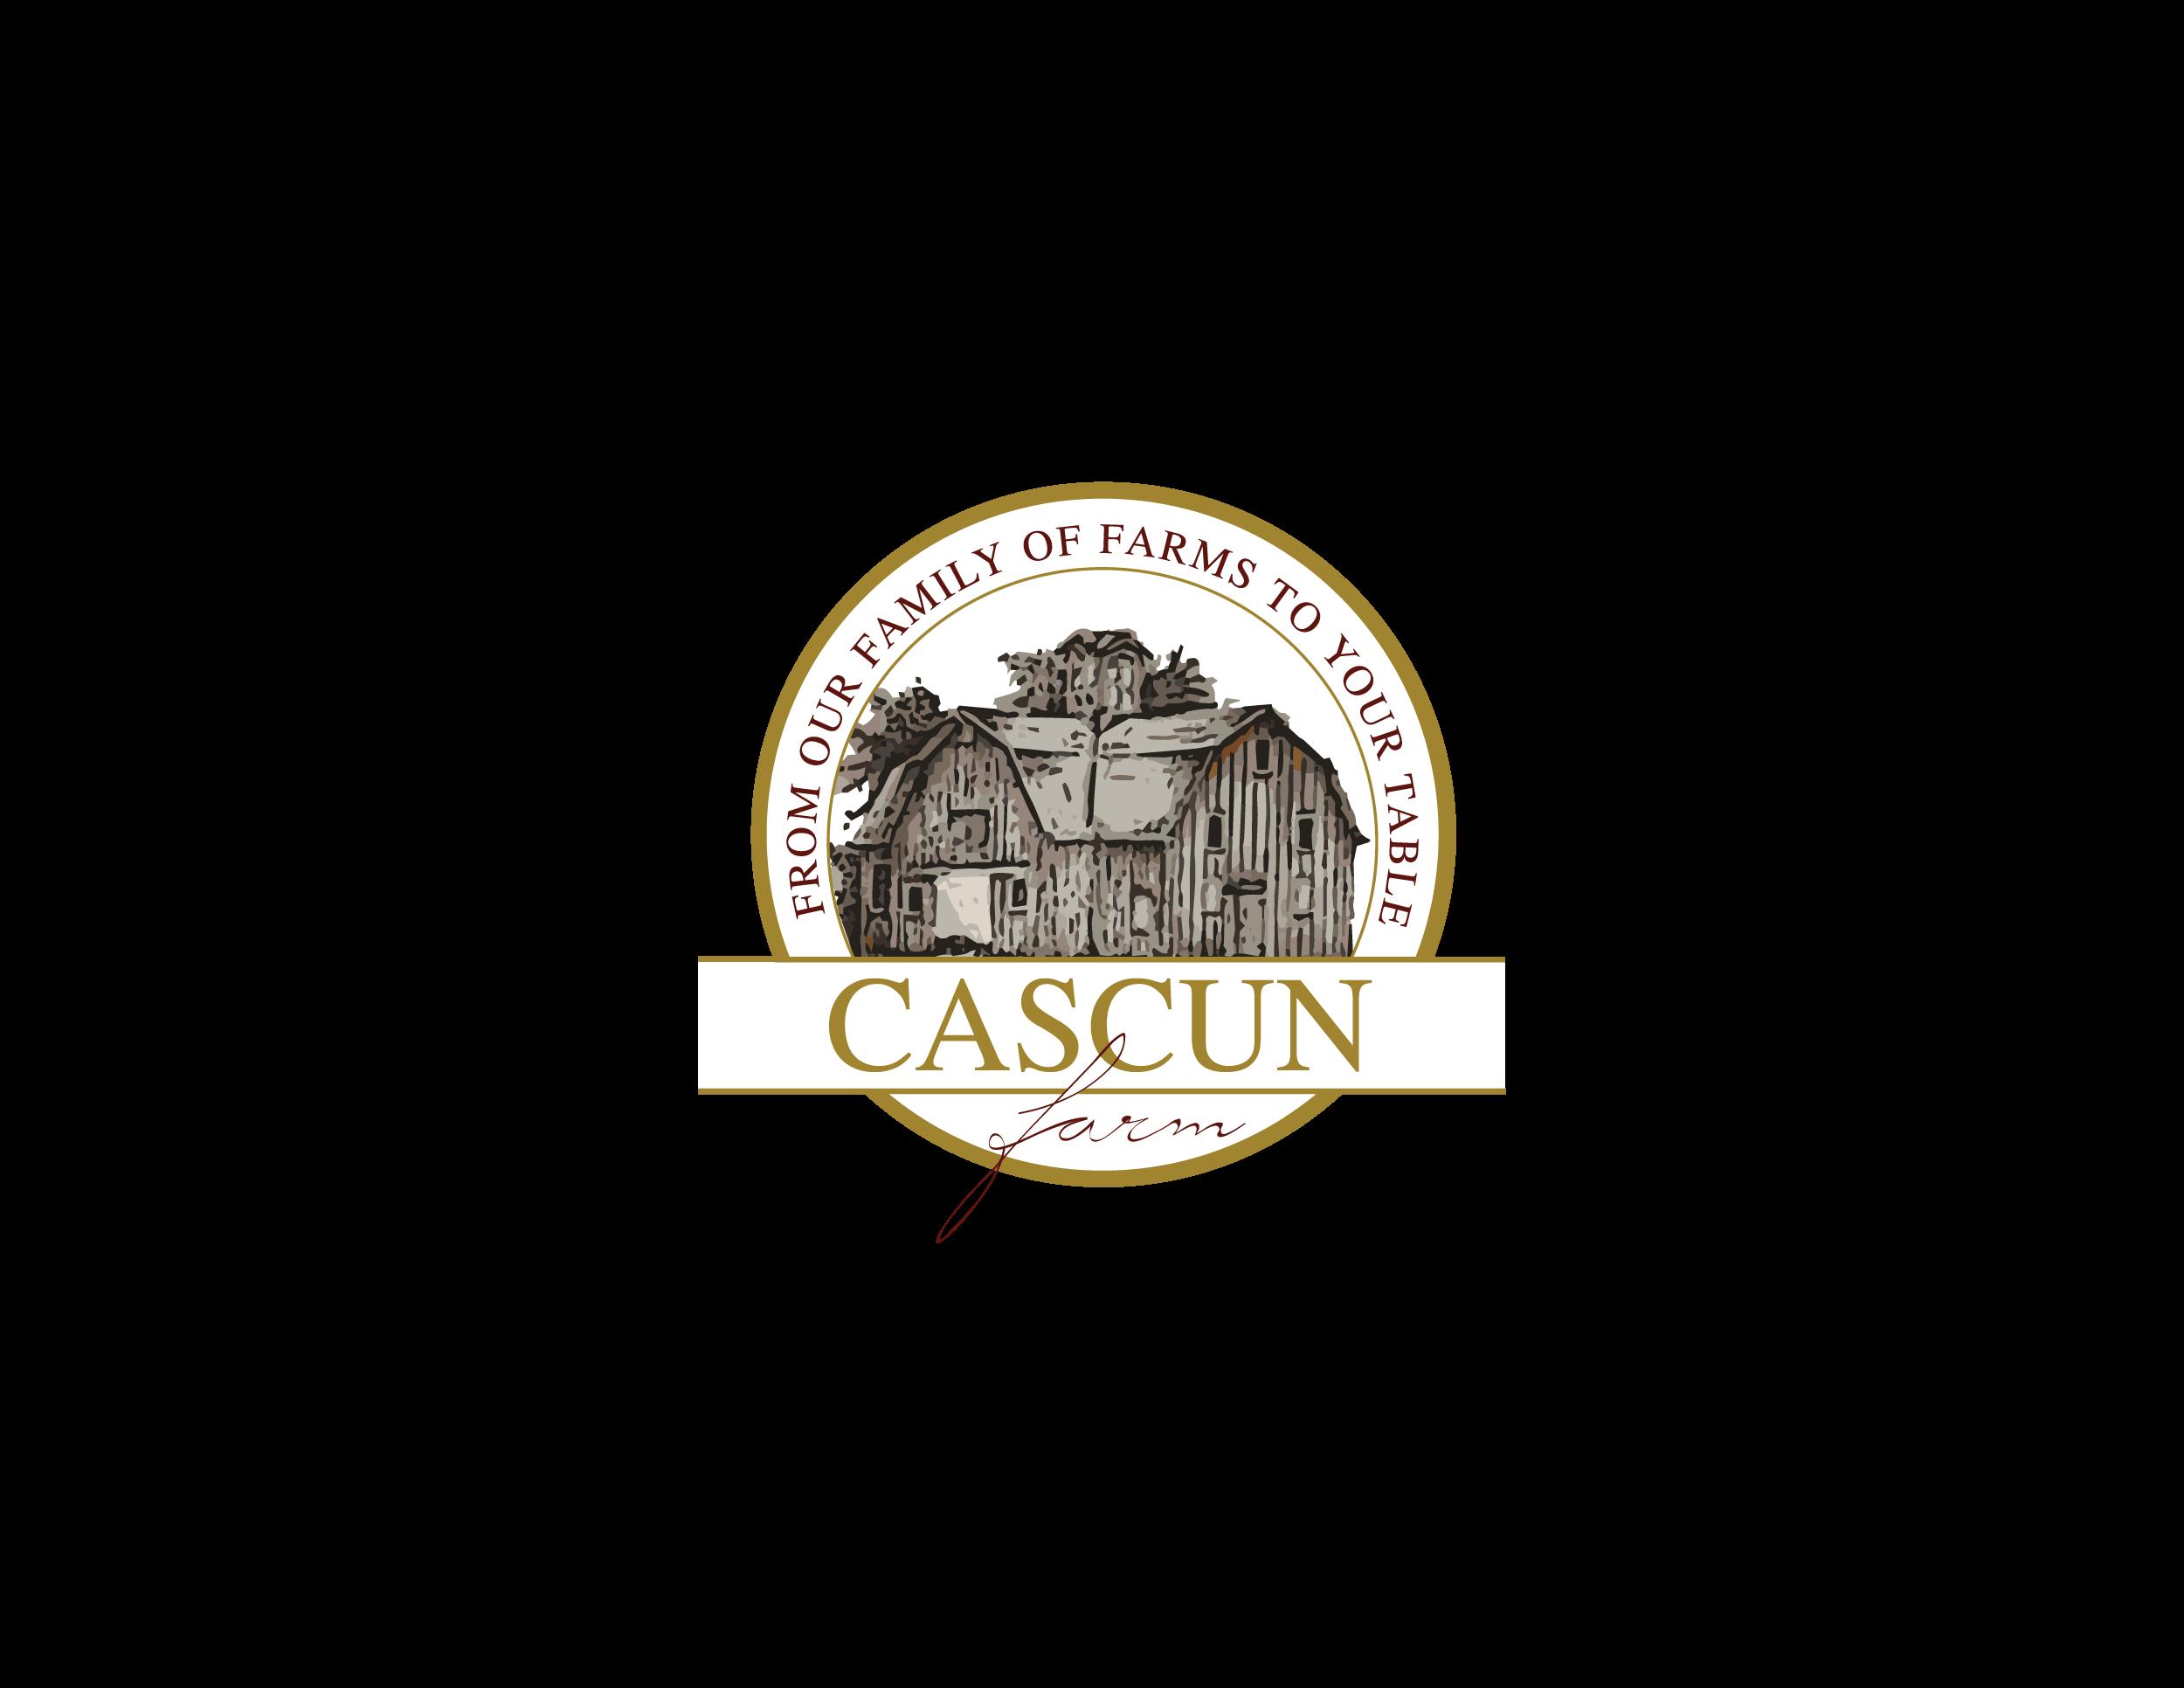 Cascun.png